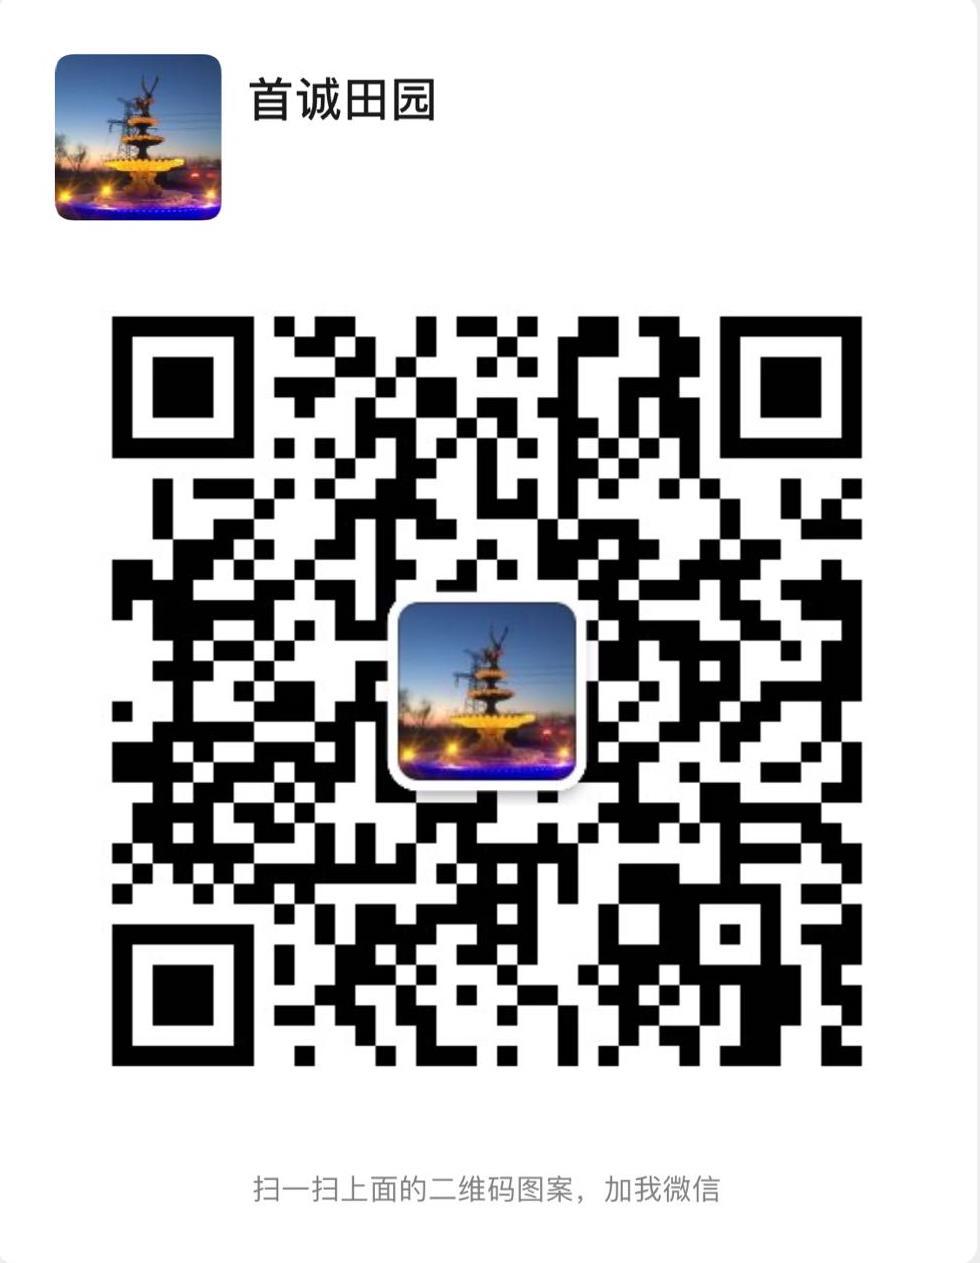 1581313213923356.jpg